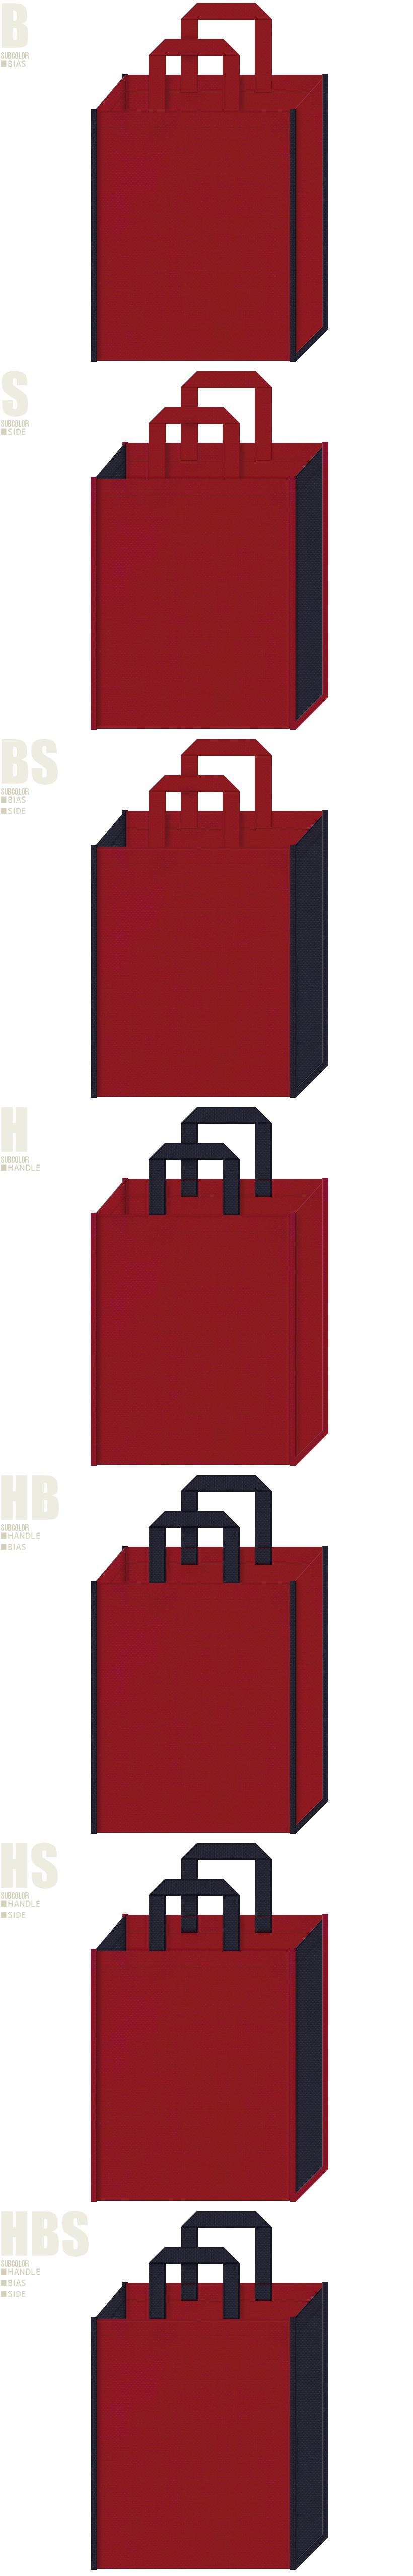 エンジ色と濃紺色、7パターンの不織布トートバッグ配色デザイン例。デニム・カジュアル・ラガーシャツのイメージにお奨めです。